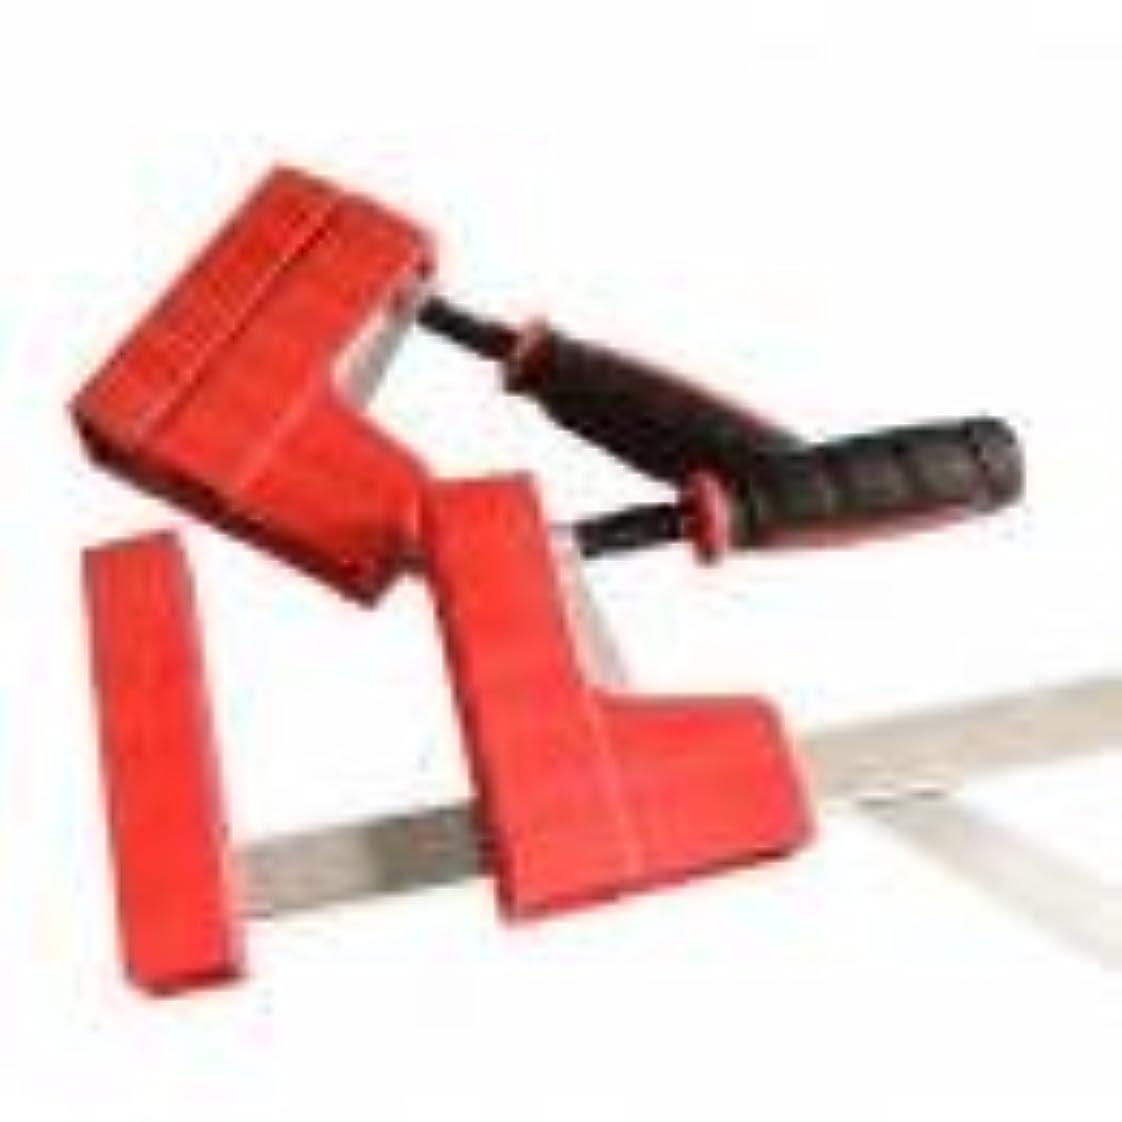 銅過度の差別するstax tools(スタックスツールズ) BOクランプ 850mm